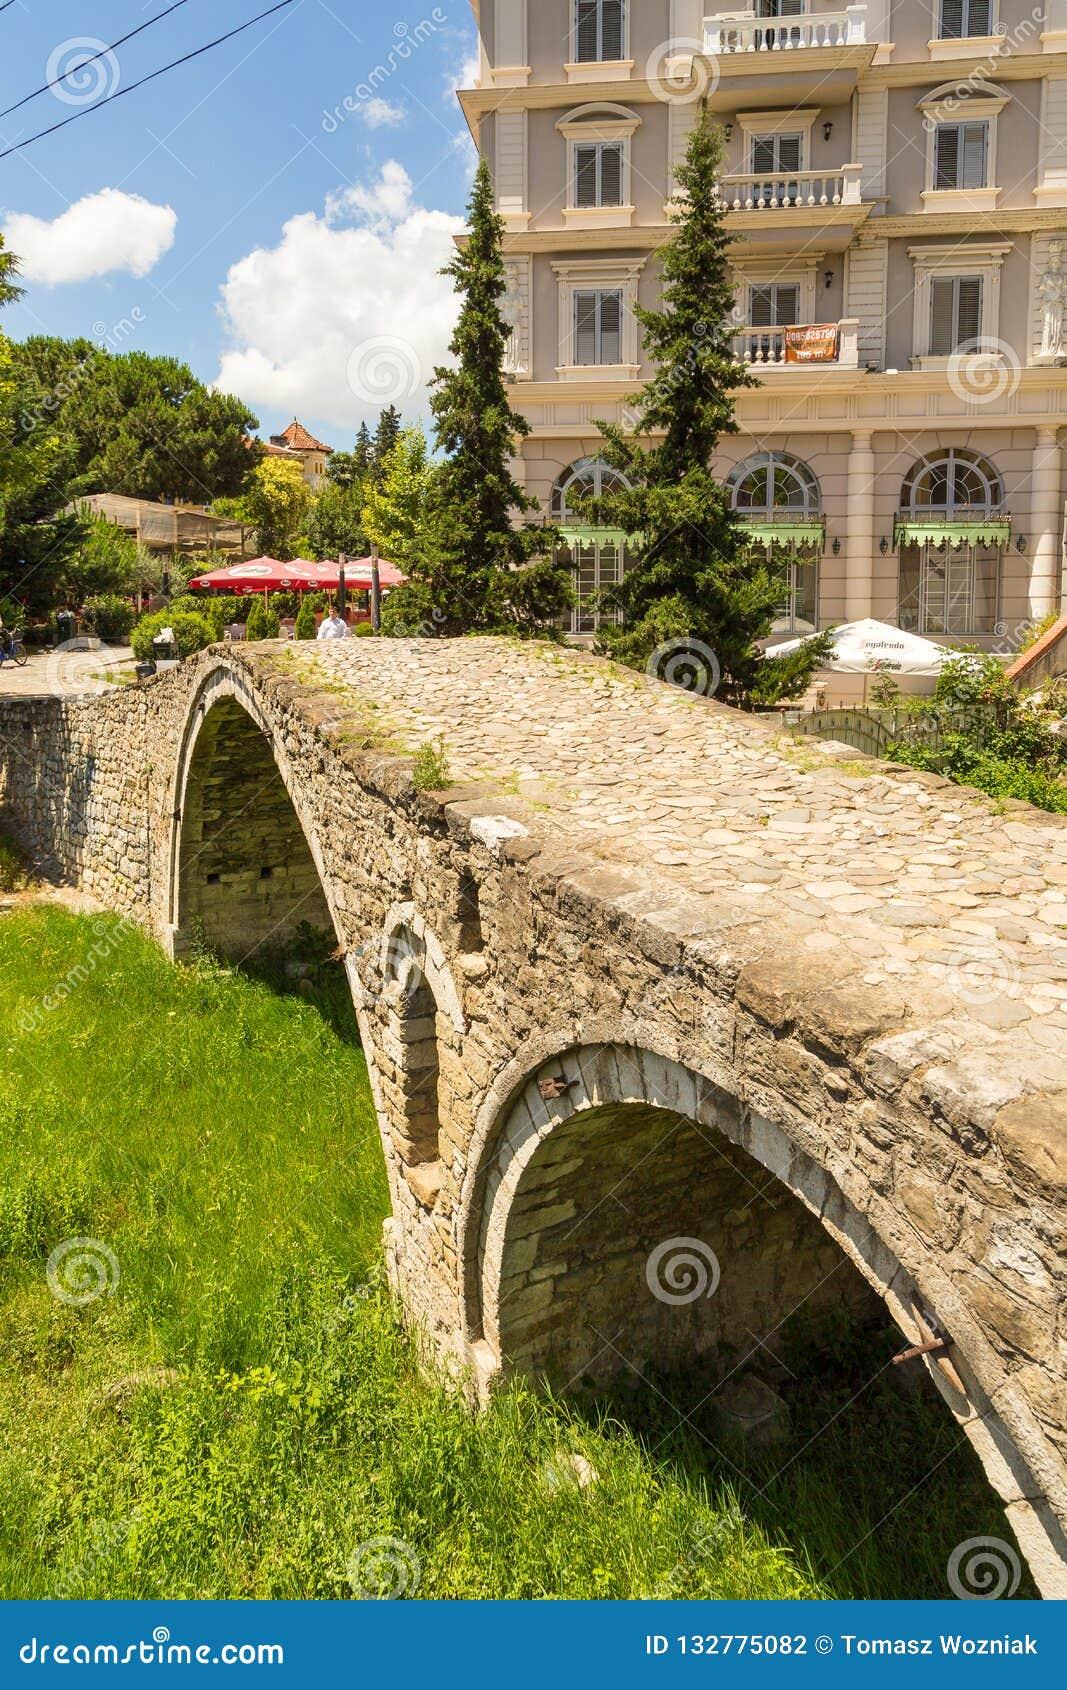 The Tanners` bridge, or Tabak bridge, a ottoman stone arch bridge in Tirana, Albania.